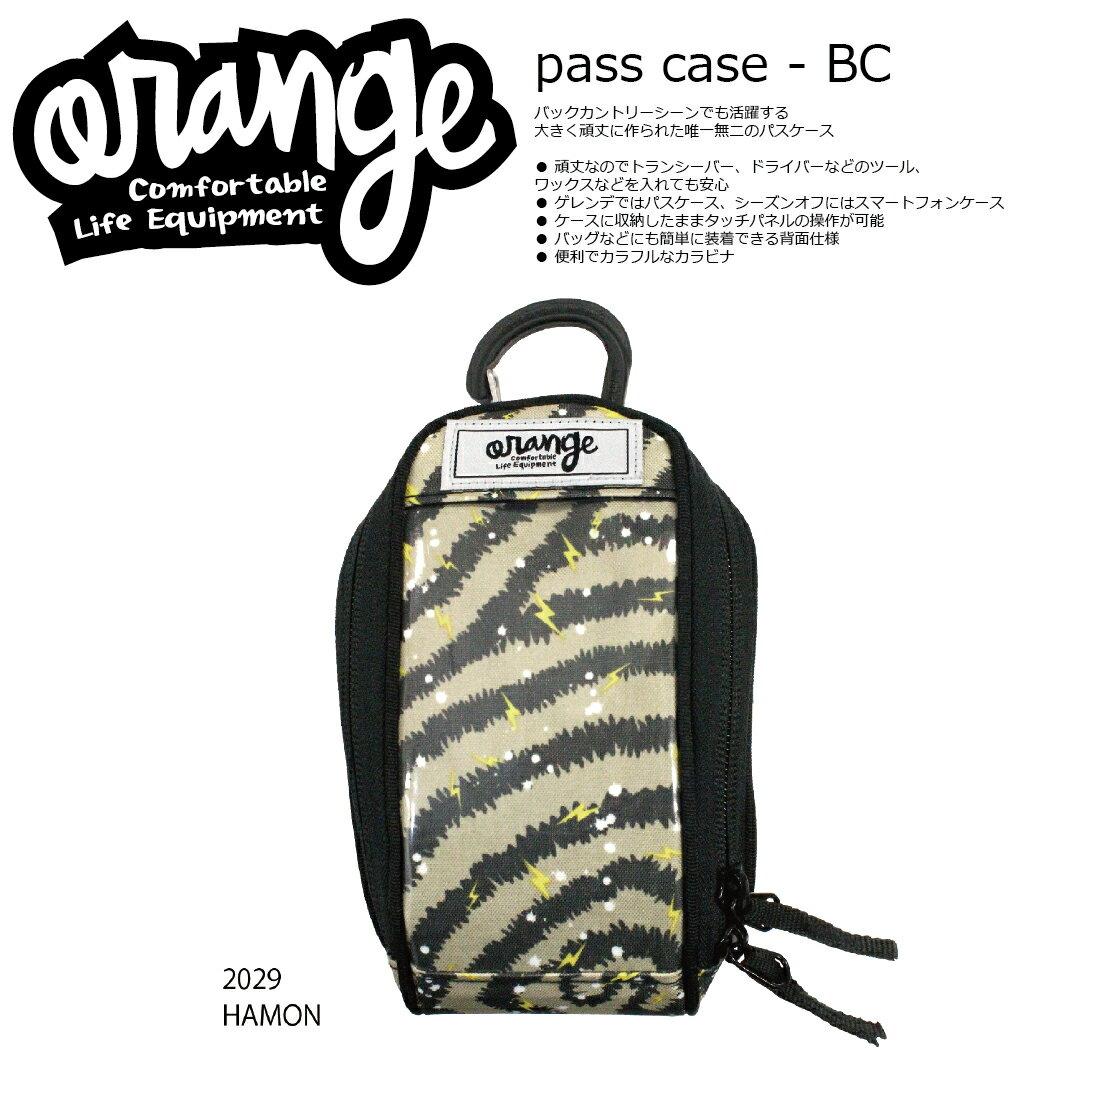 Oran'ge Pass-Case BC カラビナ付 2029 HAMON オレンジ パスケース 縦タイプ ビーシー カーゴ エス ベーシック 収納ポケット付 2017 2017-18